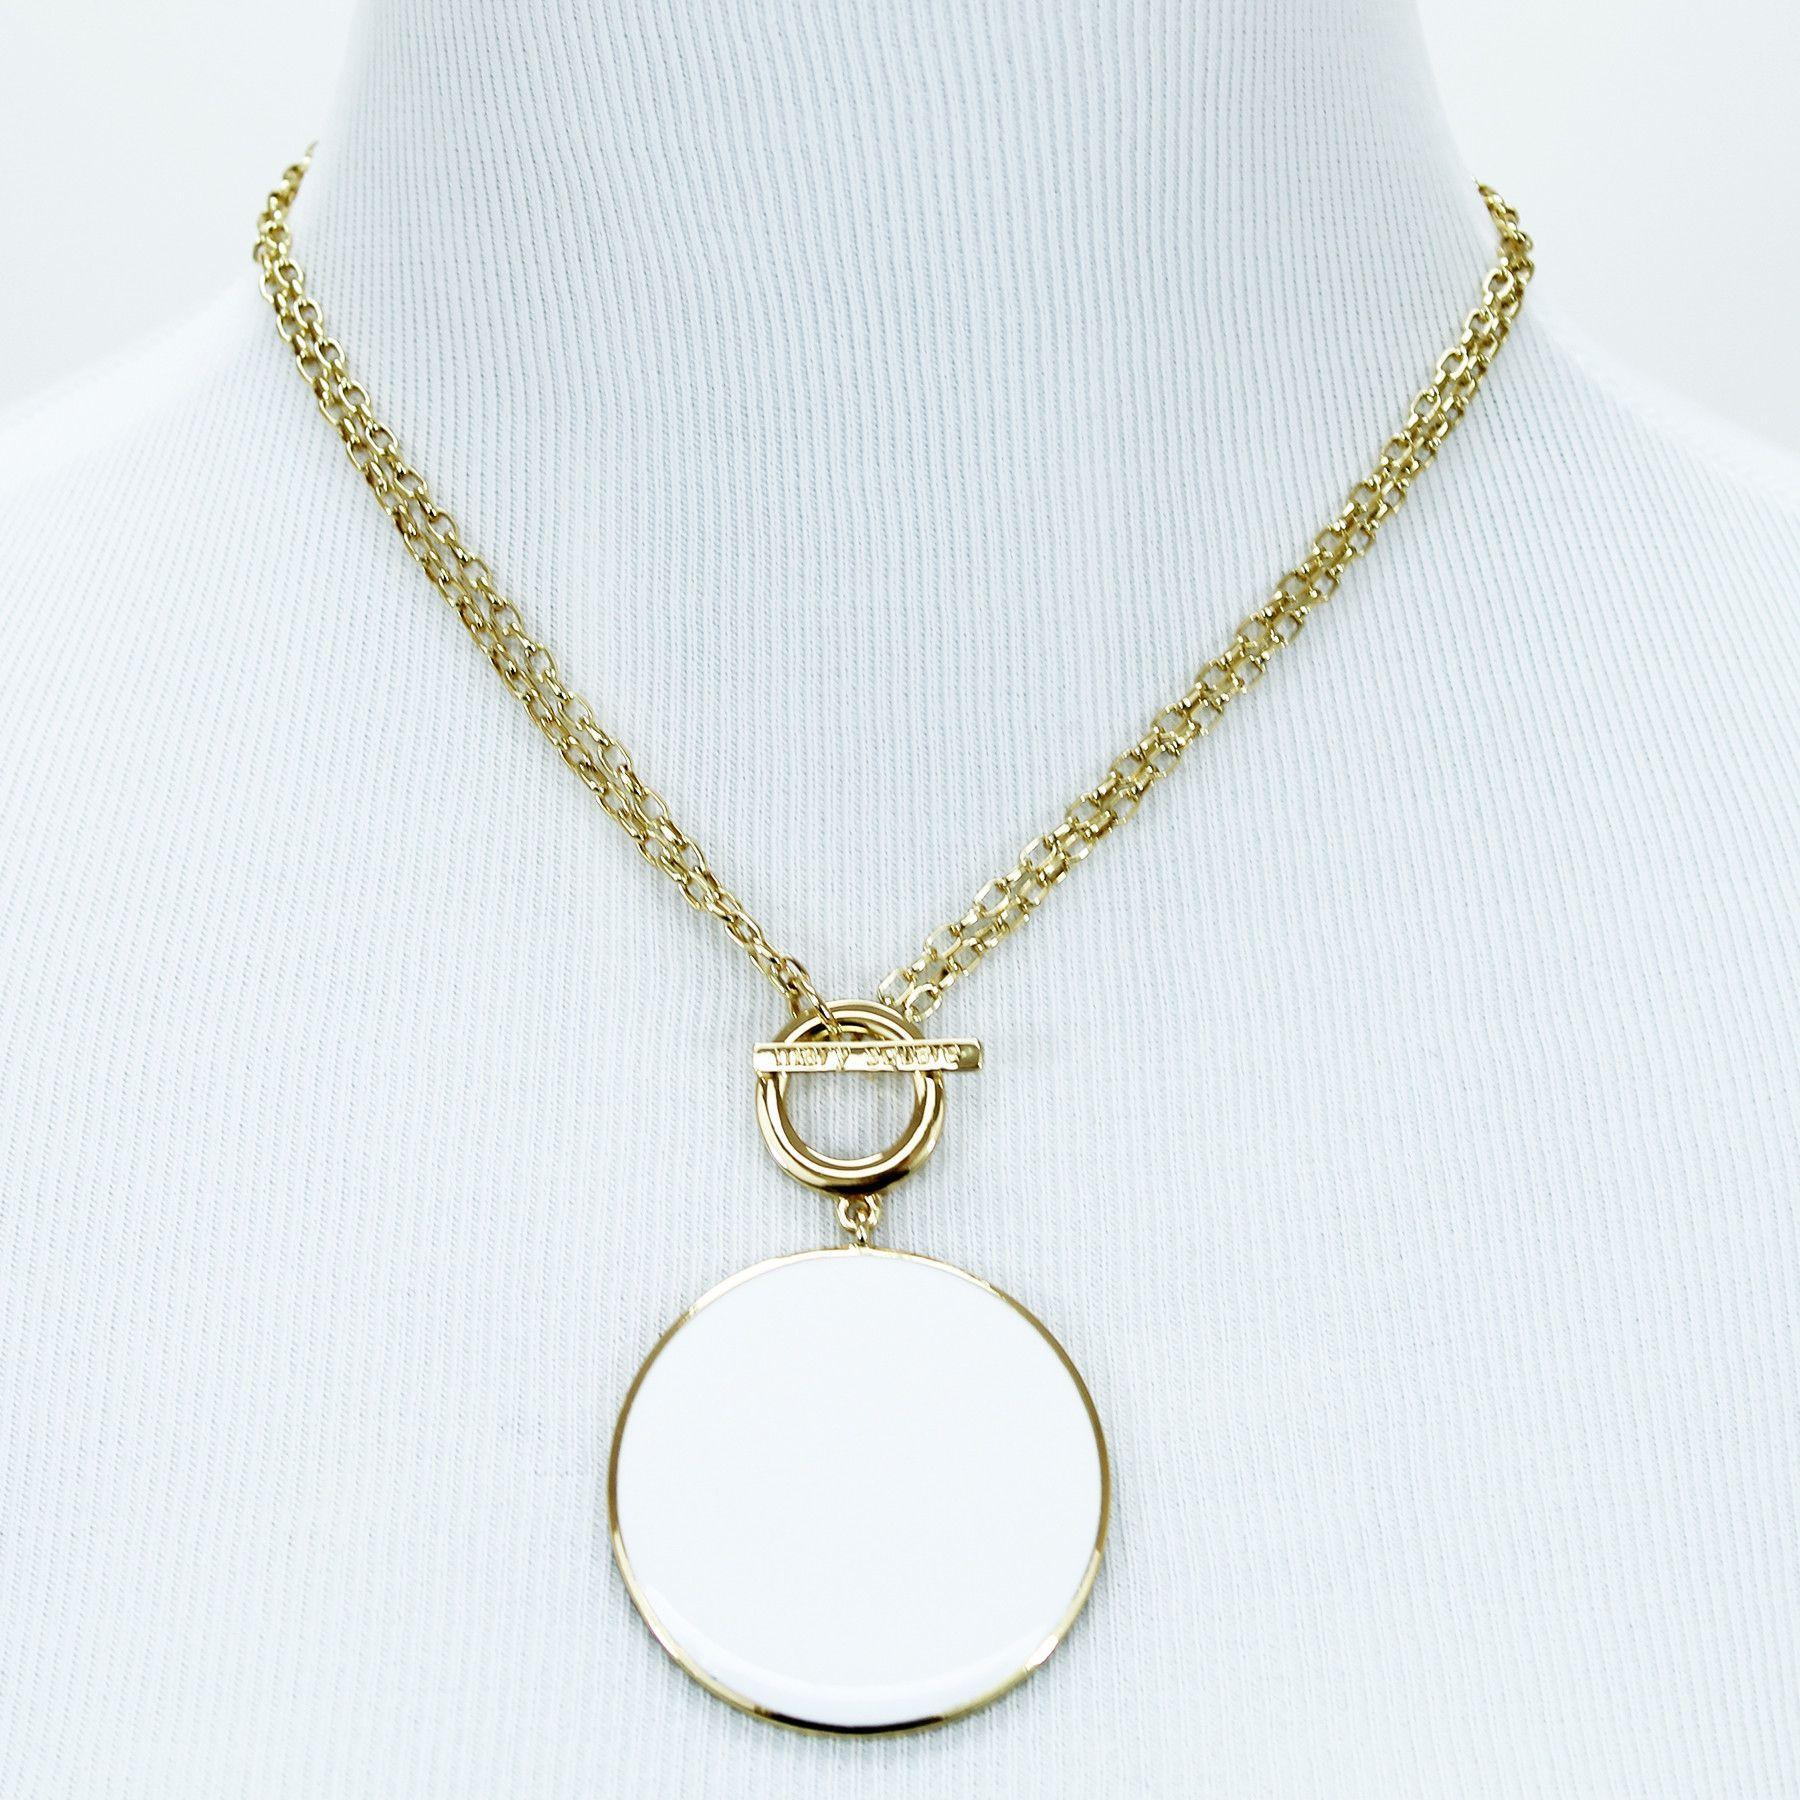 Enamel Toggle Necklace Classic White